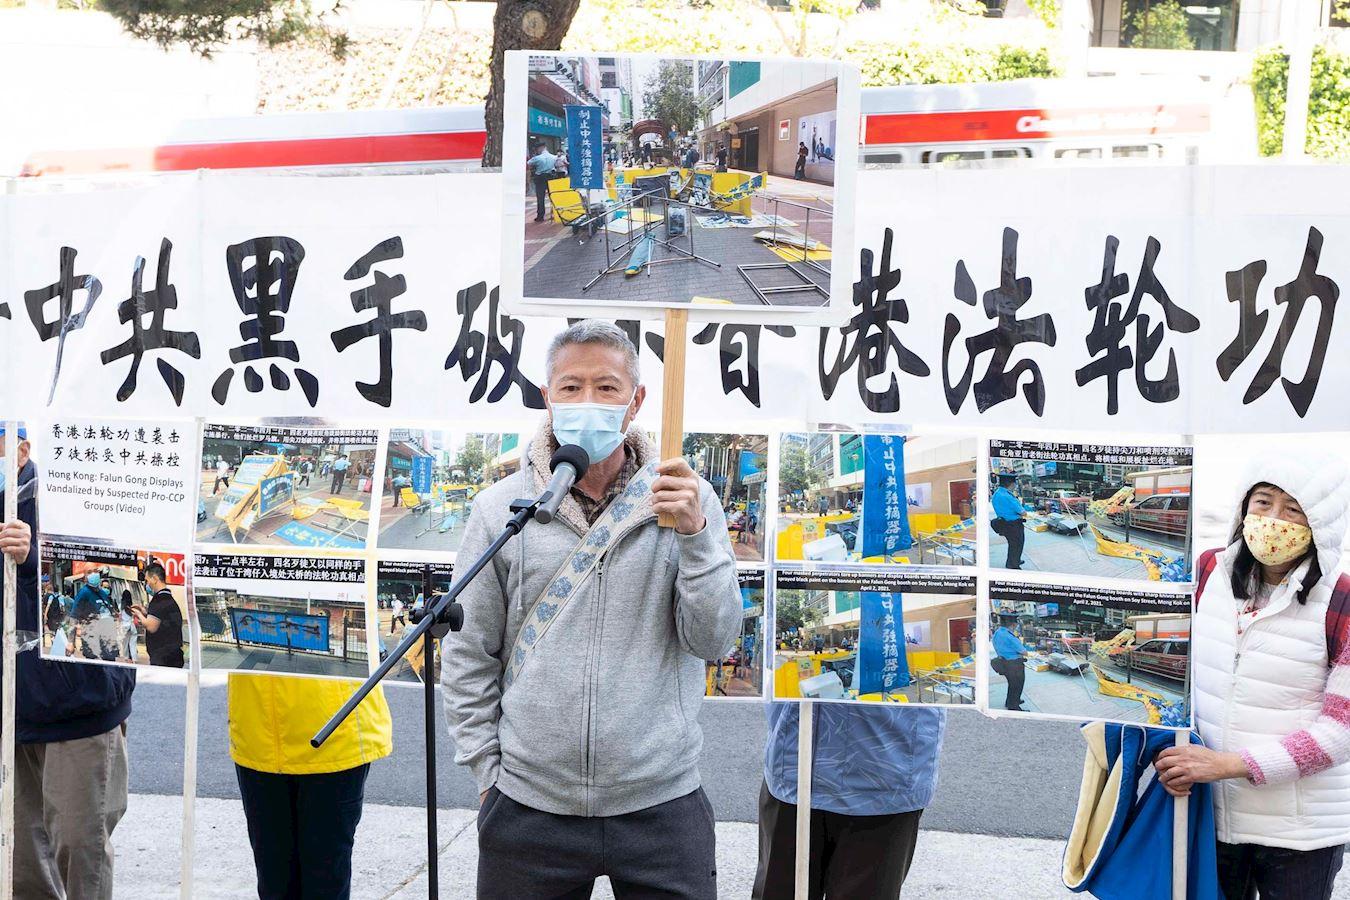 旅居美國三藩市的香港移民吳先生表示,不要對中共抱任何幻想。(明慧網)